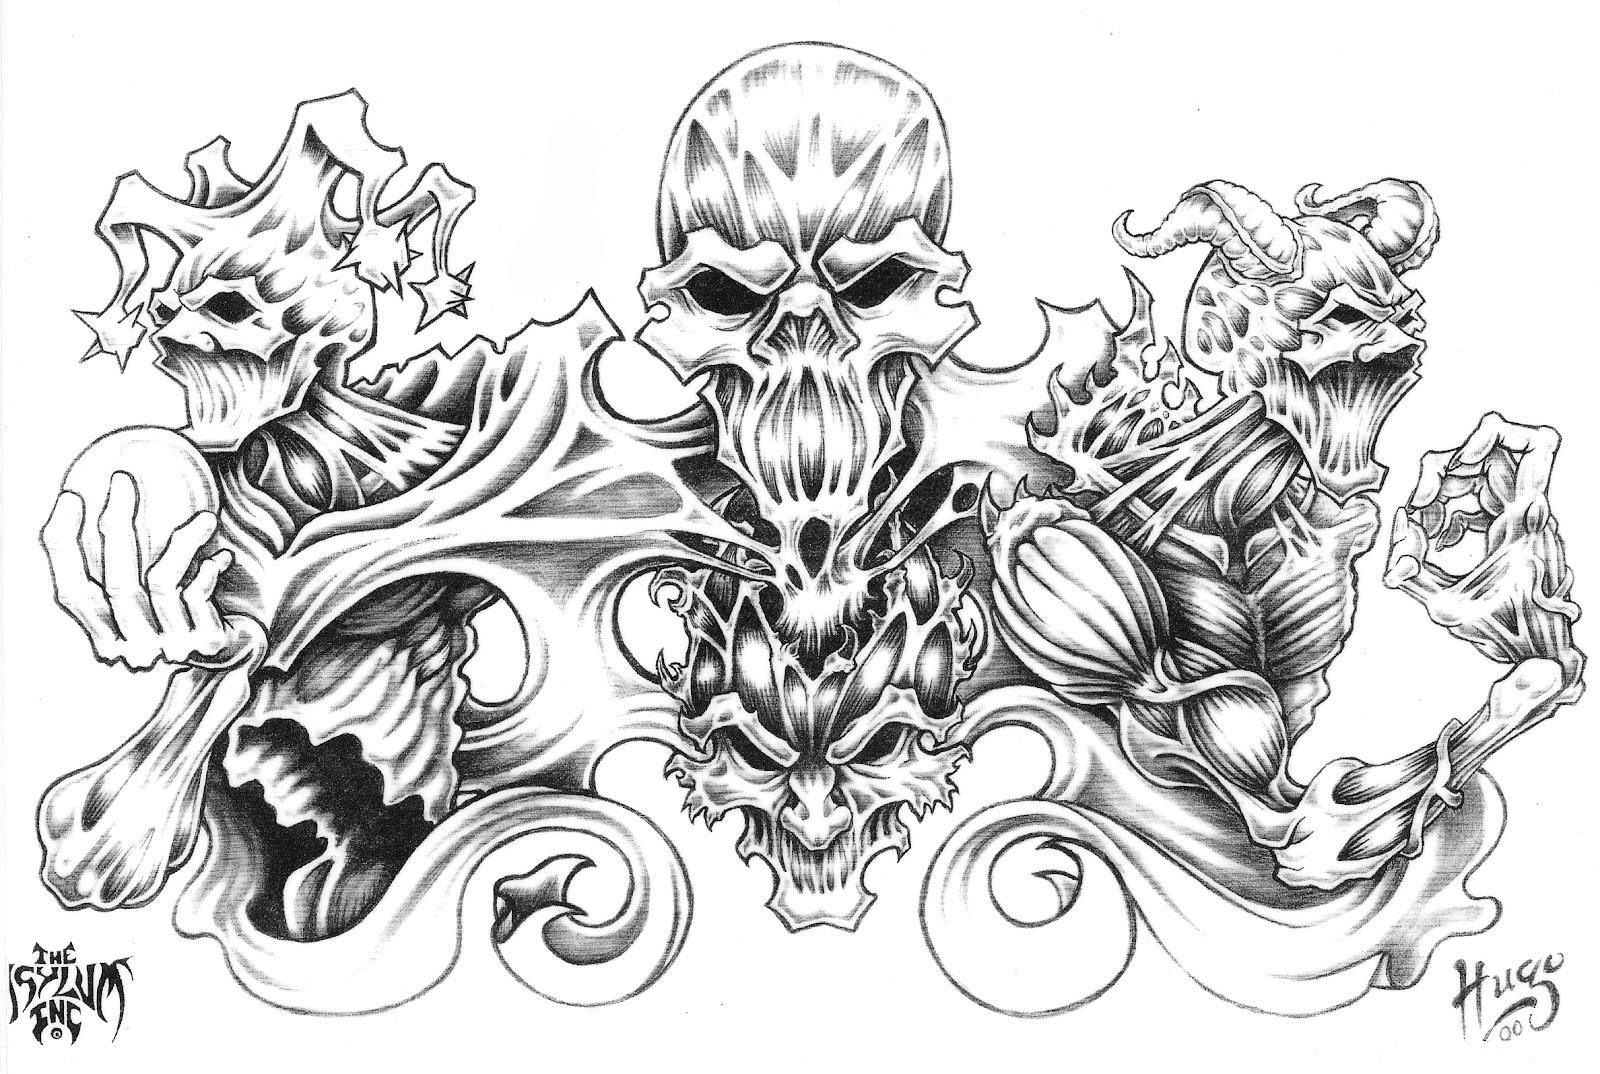 Skull Half Sleeve Tattoo Designs For Men 1080p